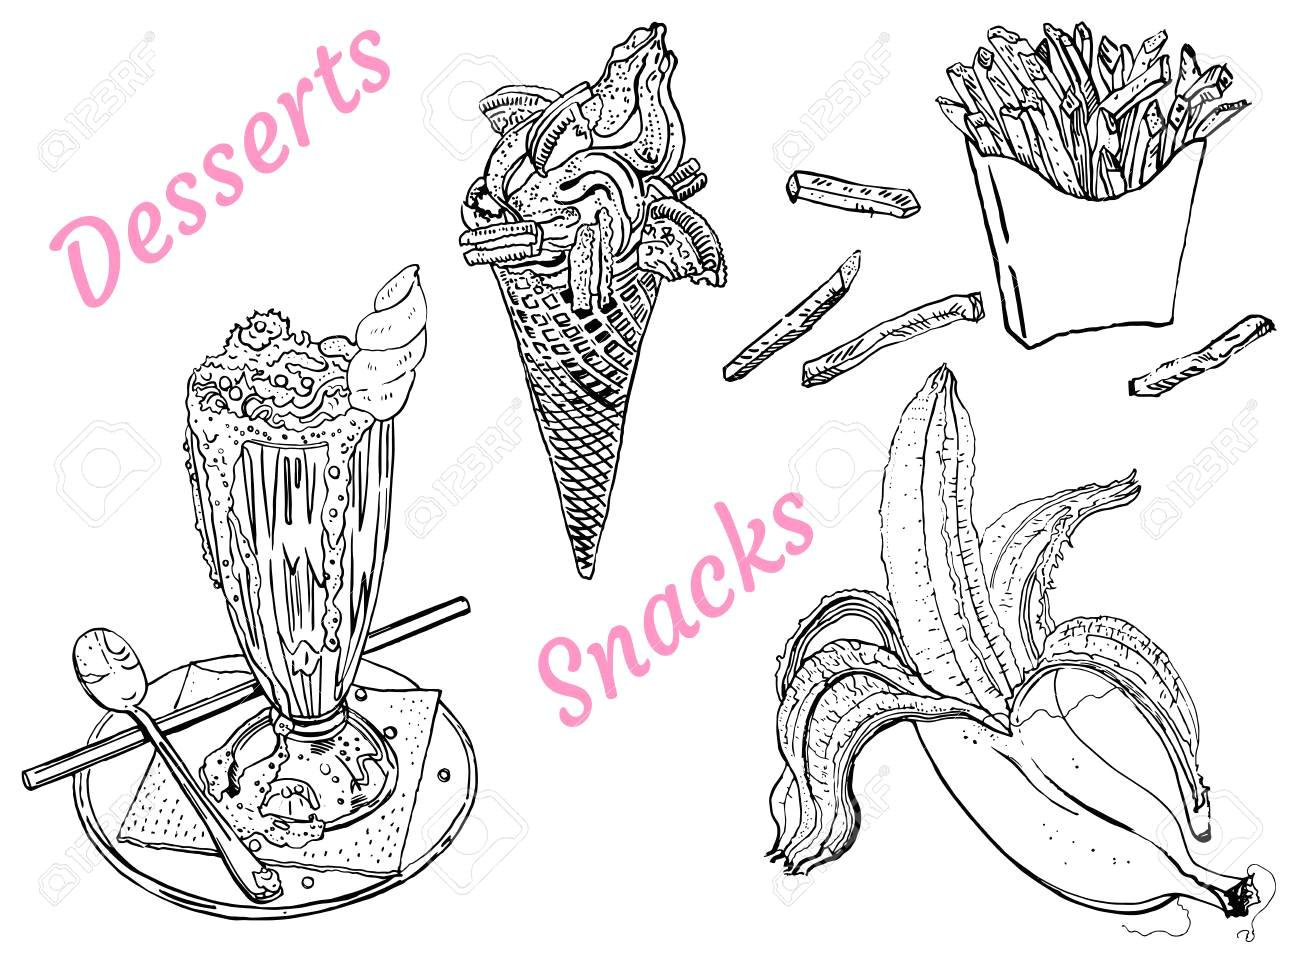 snacks and desserts milk shake ice cream banana french fries line